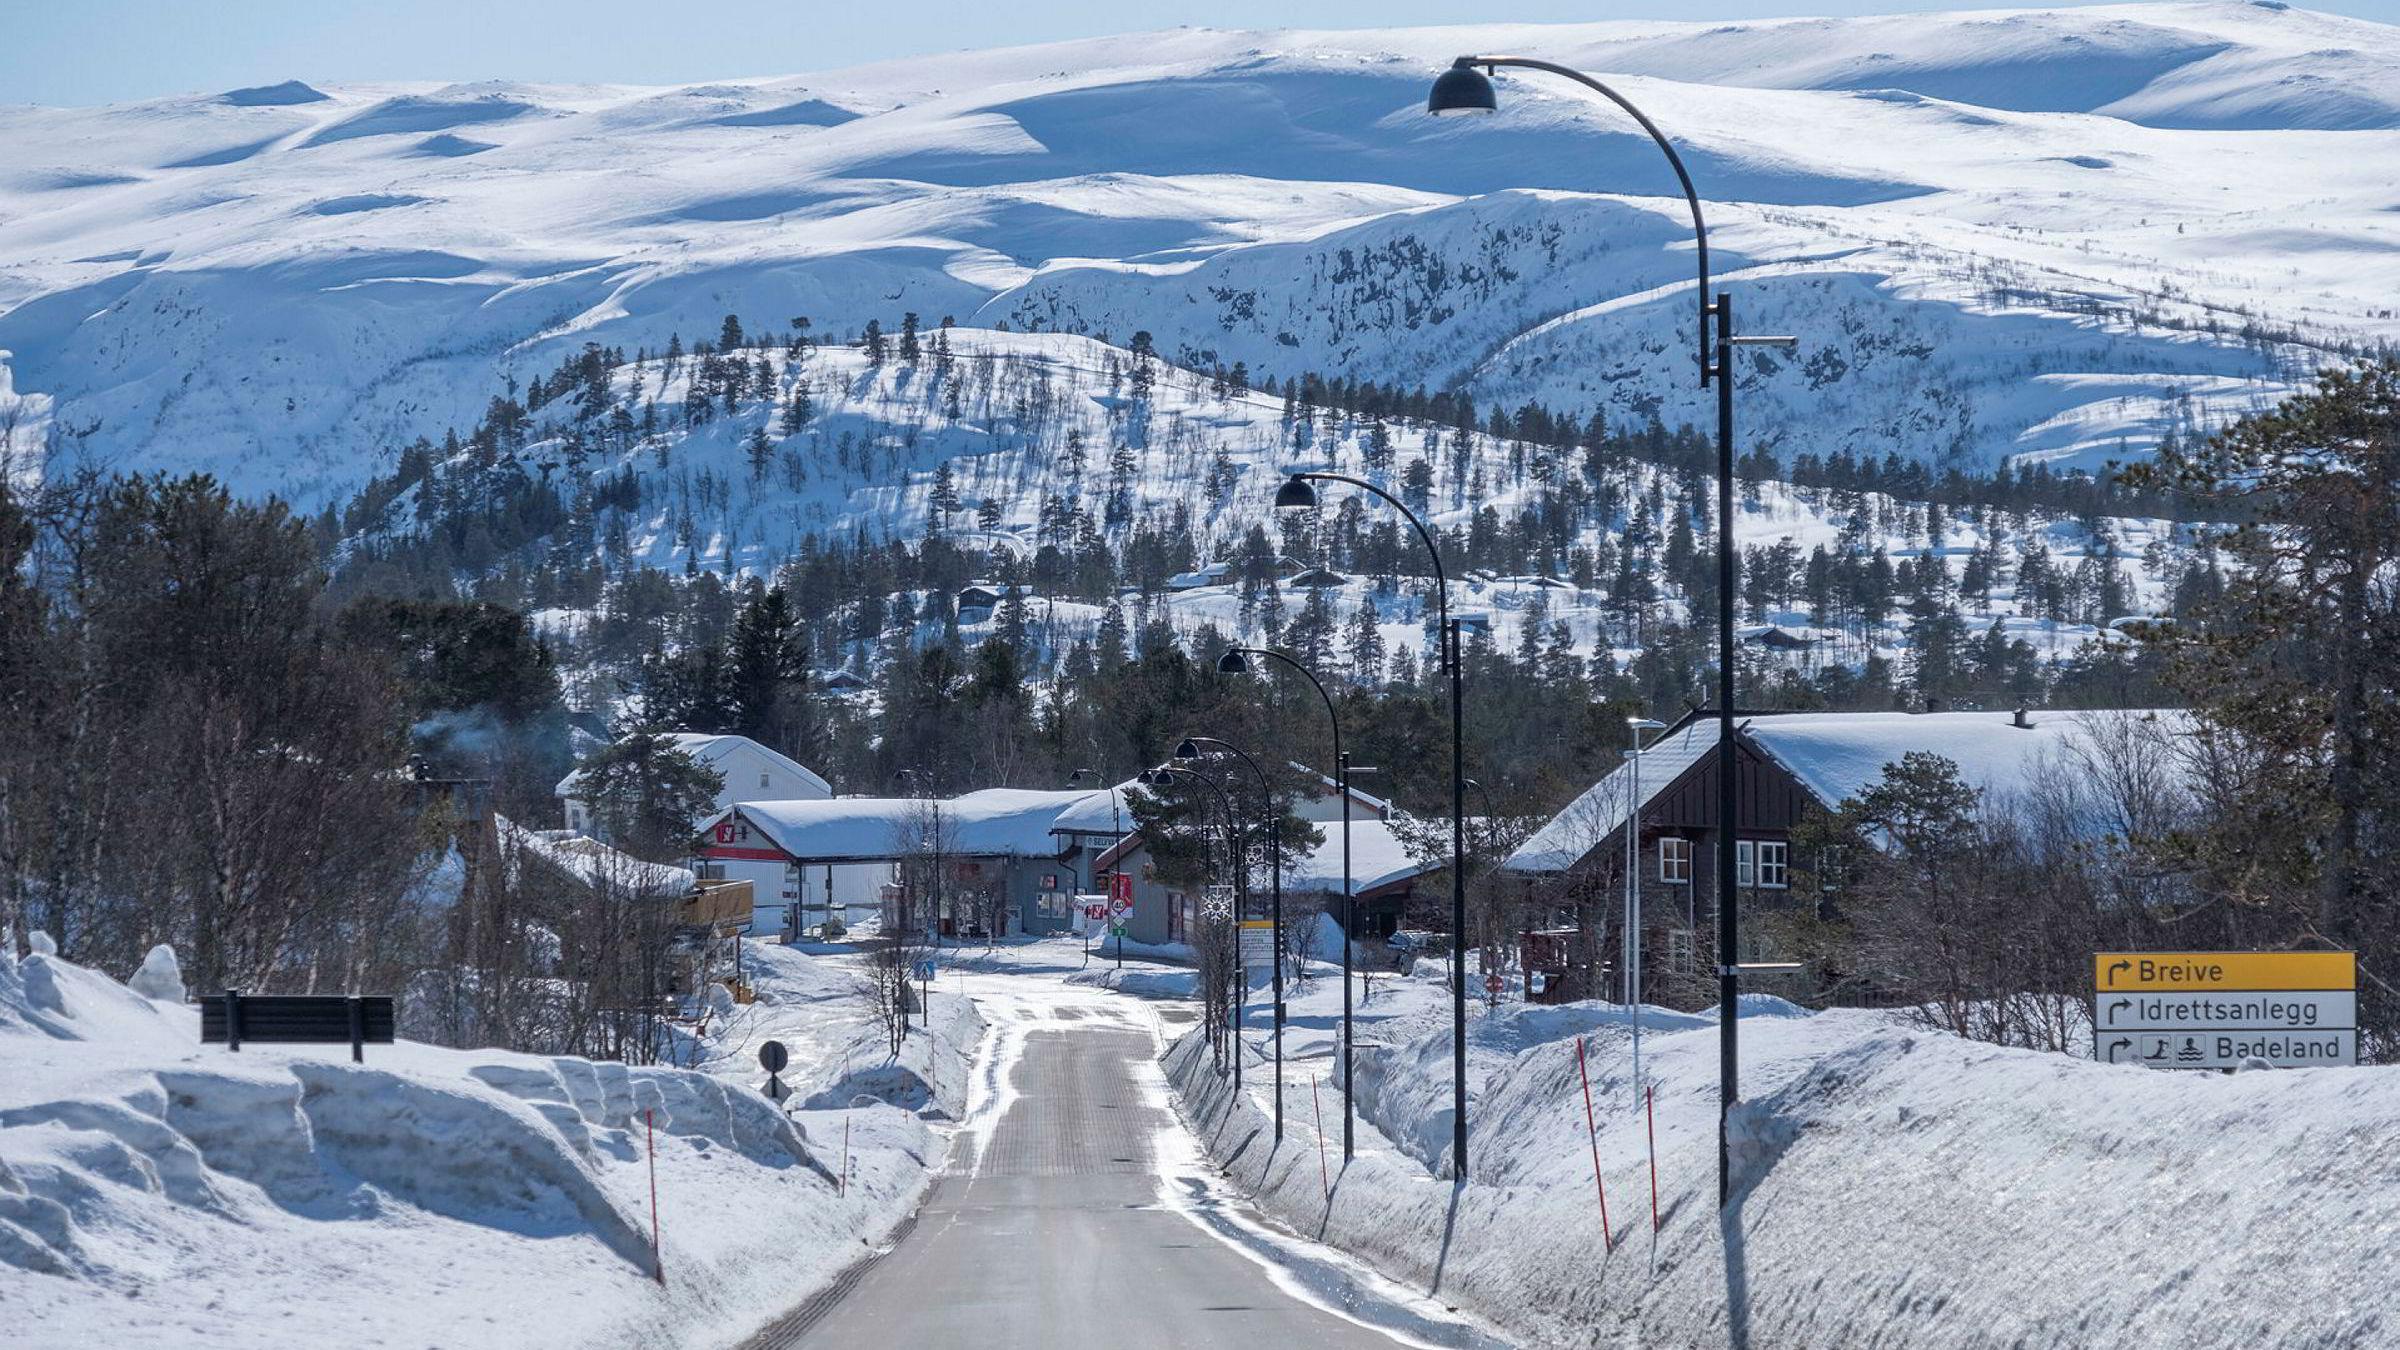 Forbudet mot å dra på hytta har ført til lite trafikk i de populære hytteområdene i landet, som her på Hovden i Setesdal.